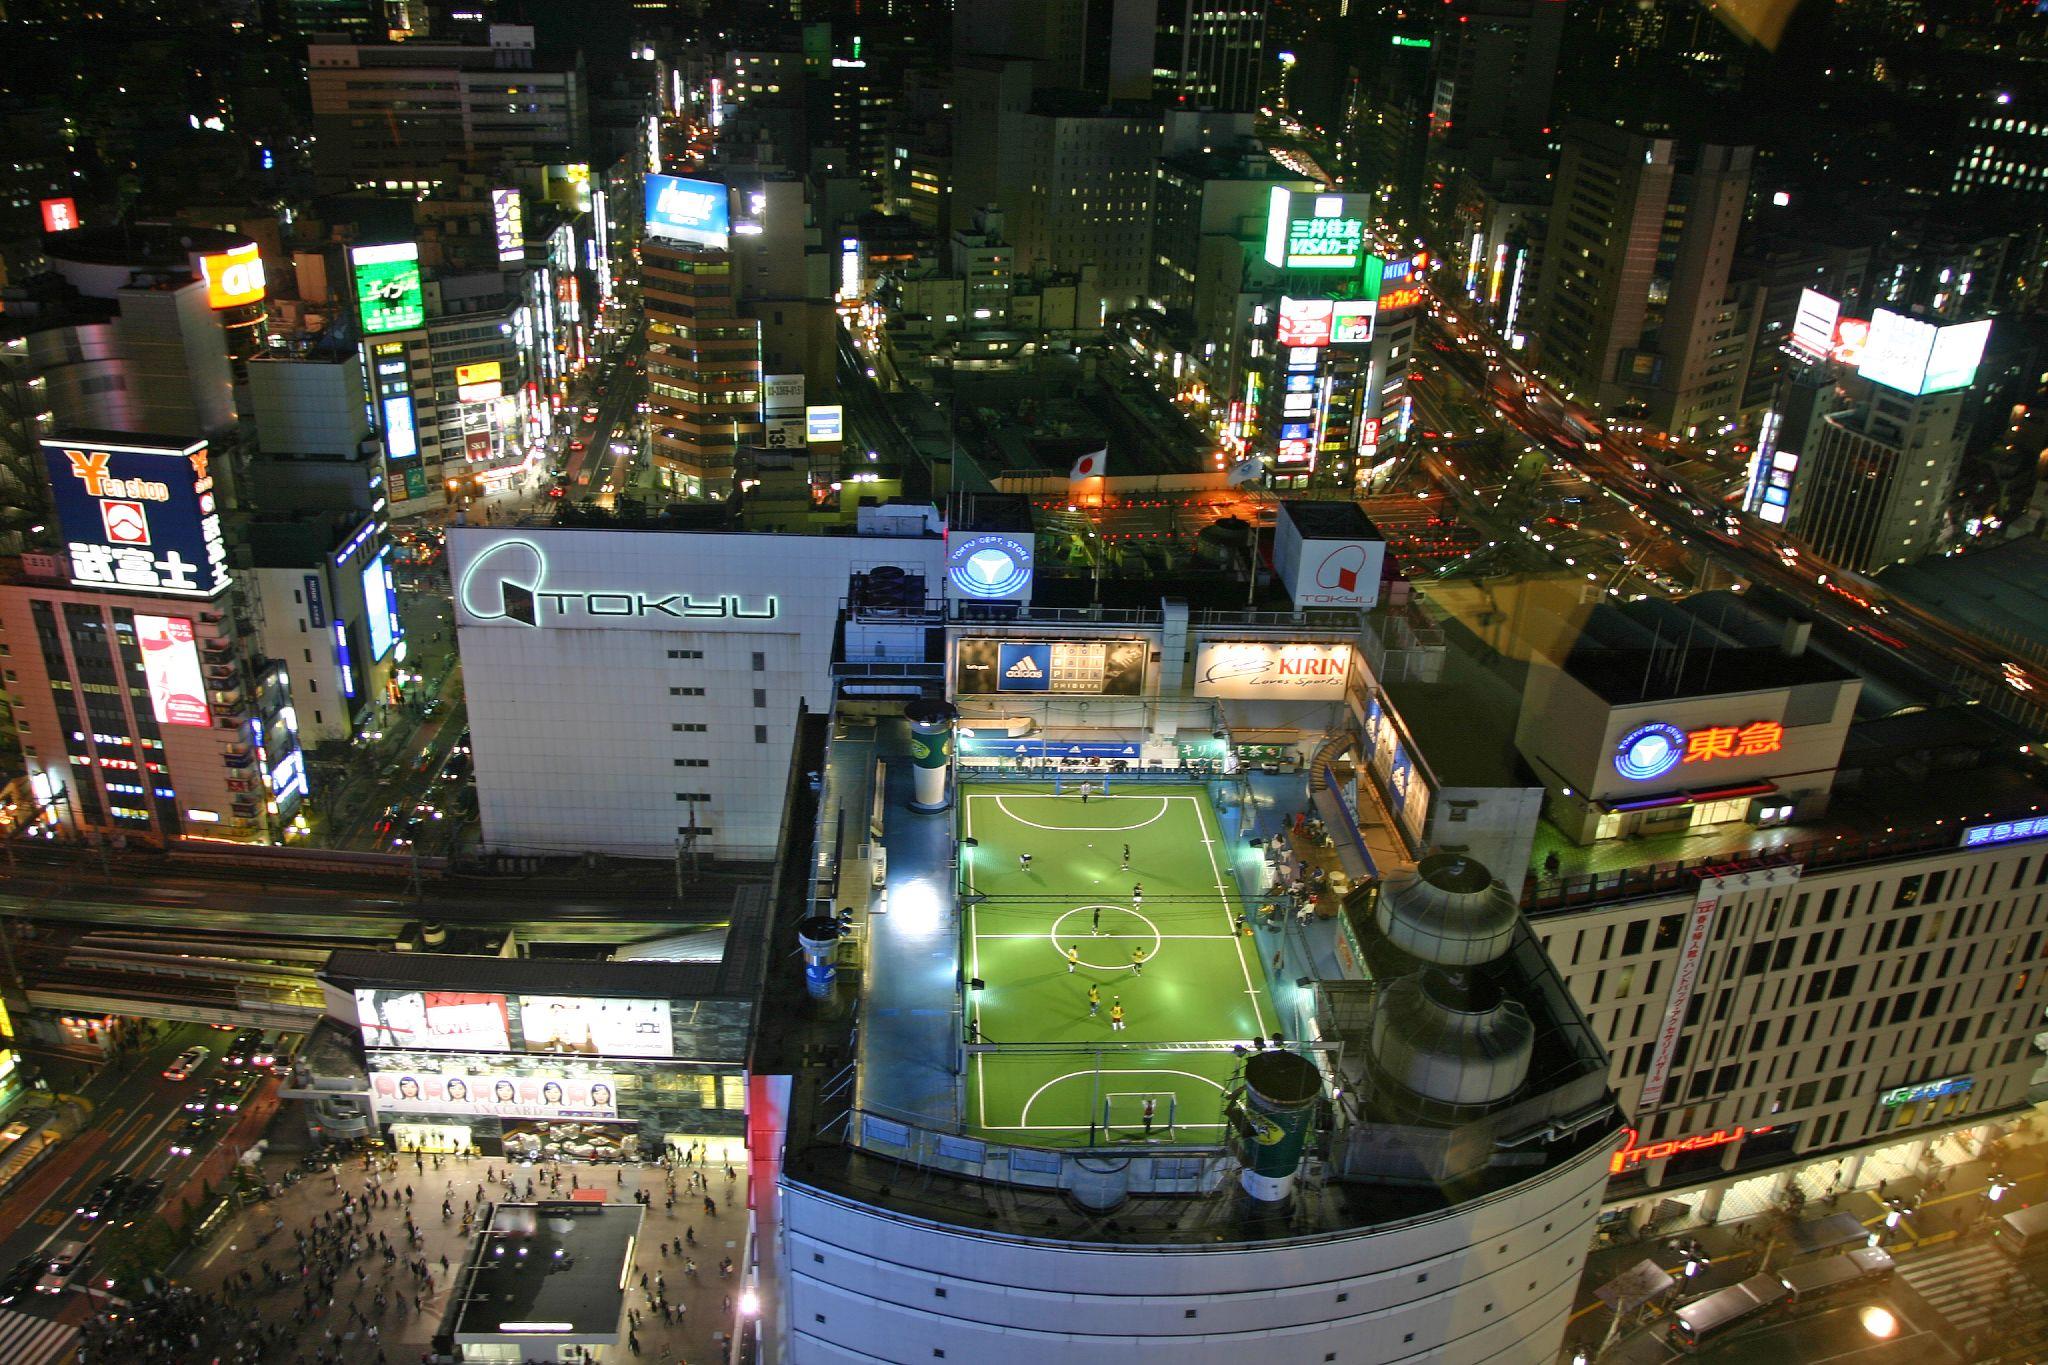 футбольные поля в мире От понтона до небоскреба: самые необычные футбольные поля в мире Tokyo rooftop football